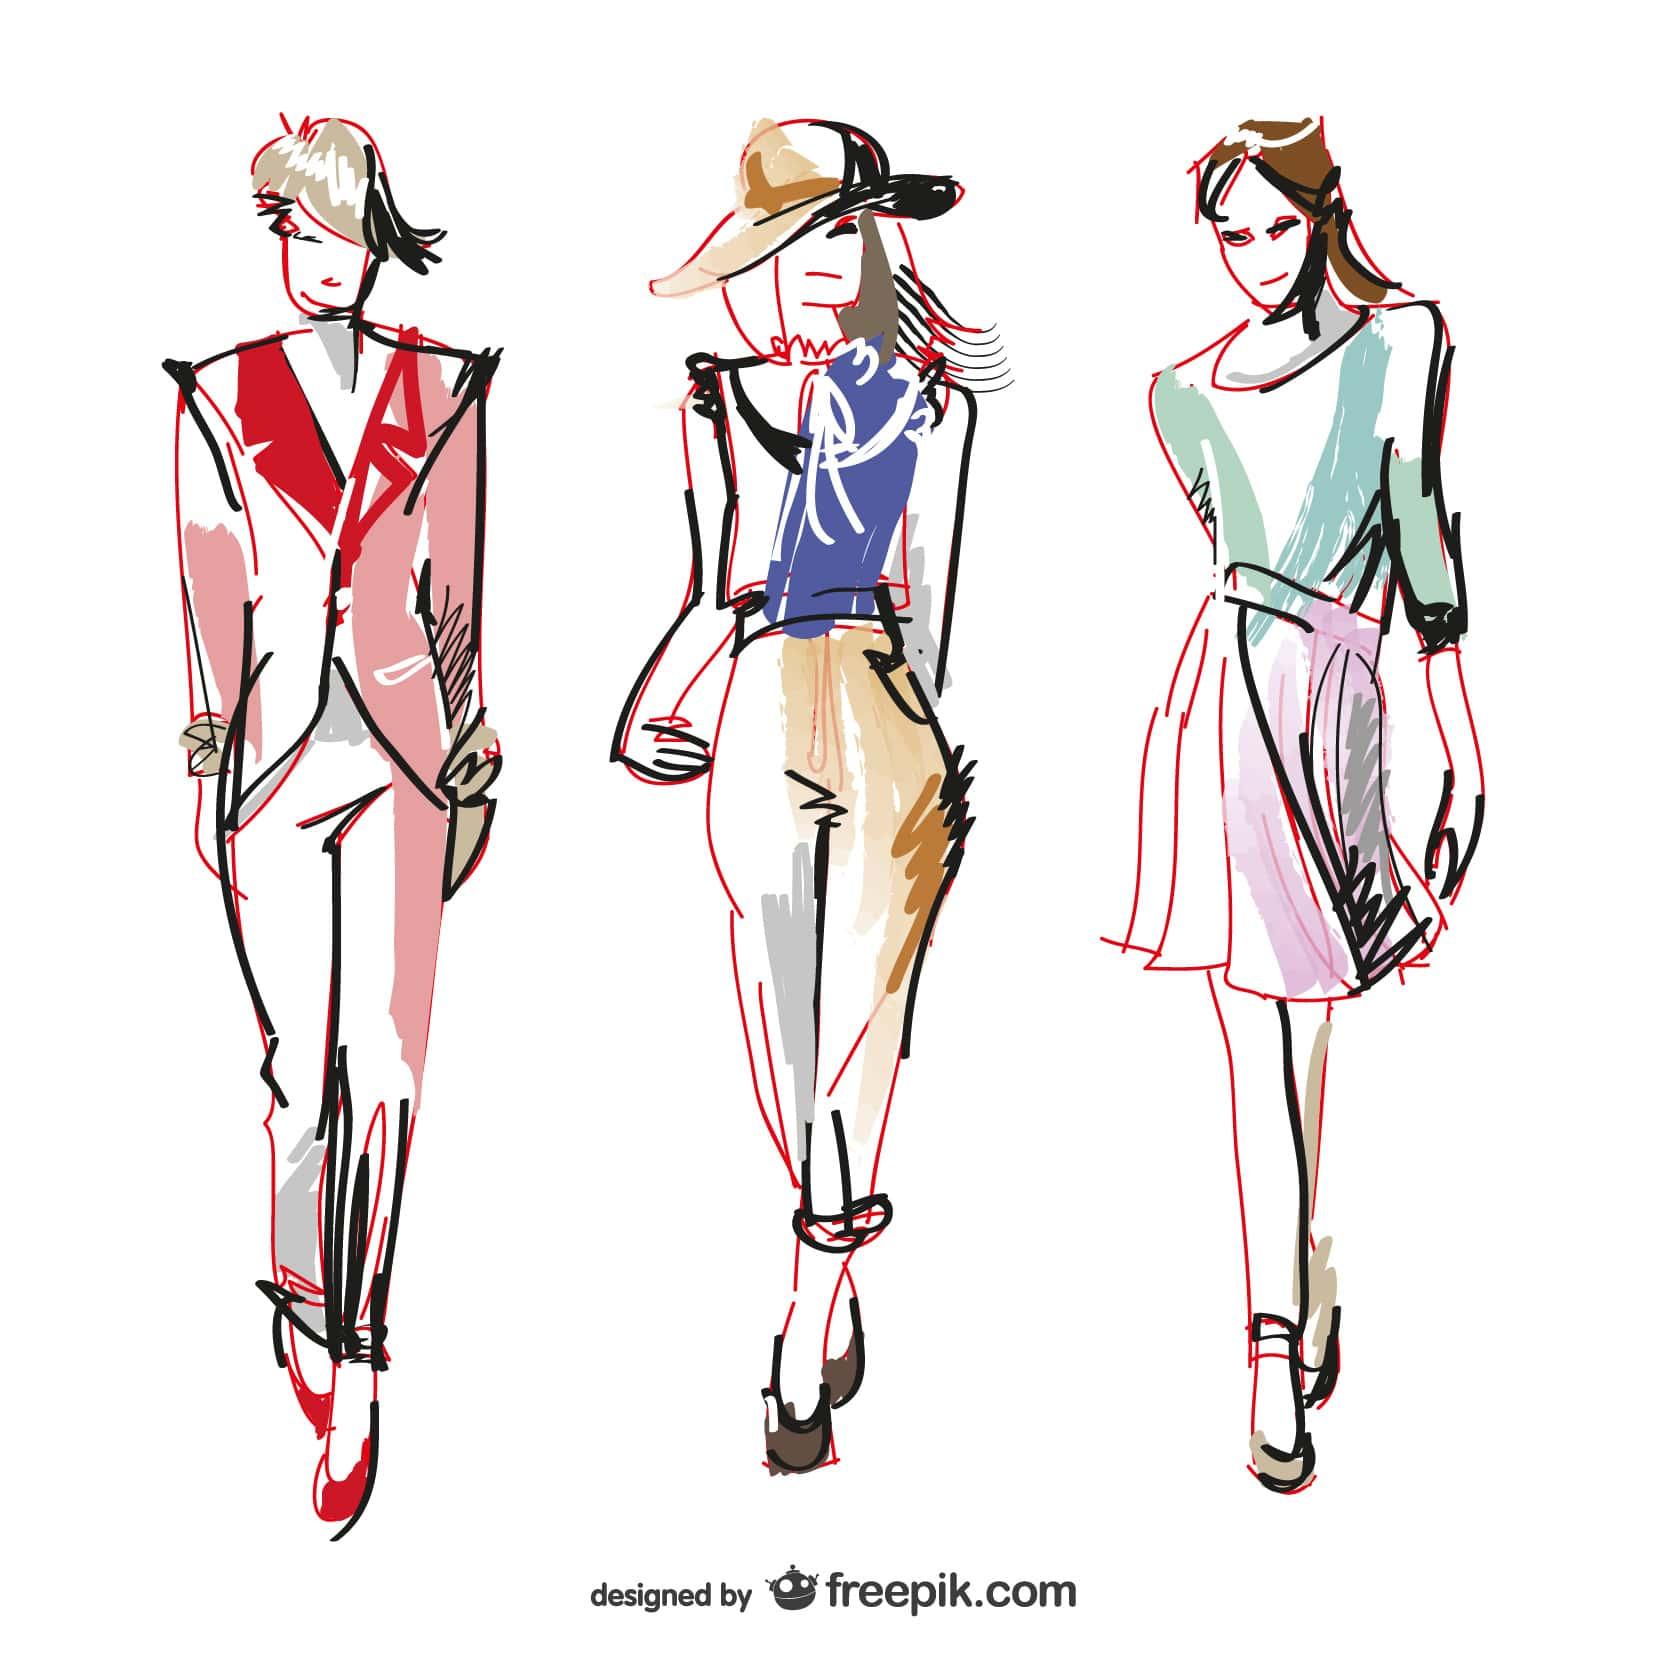 آموزش طراحی لباس - ایونت فشن